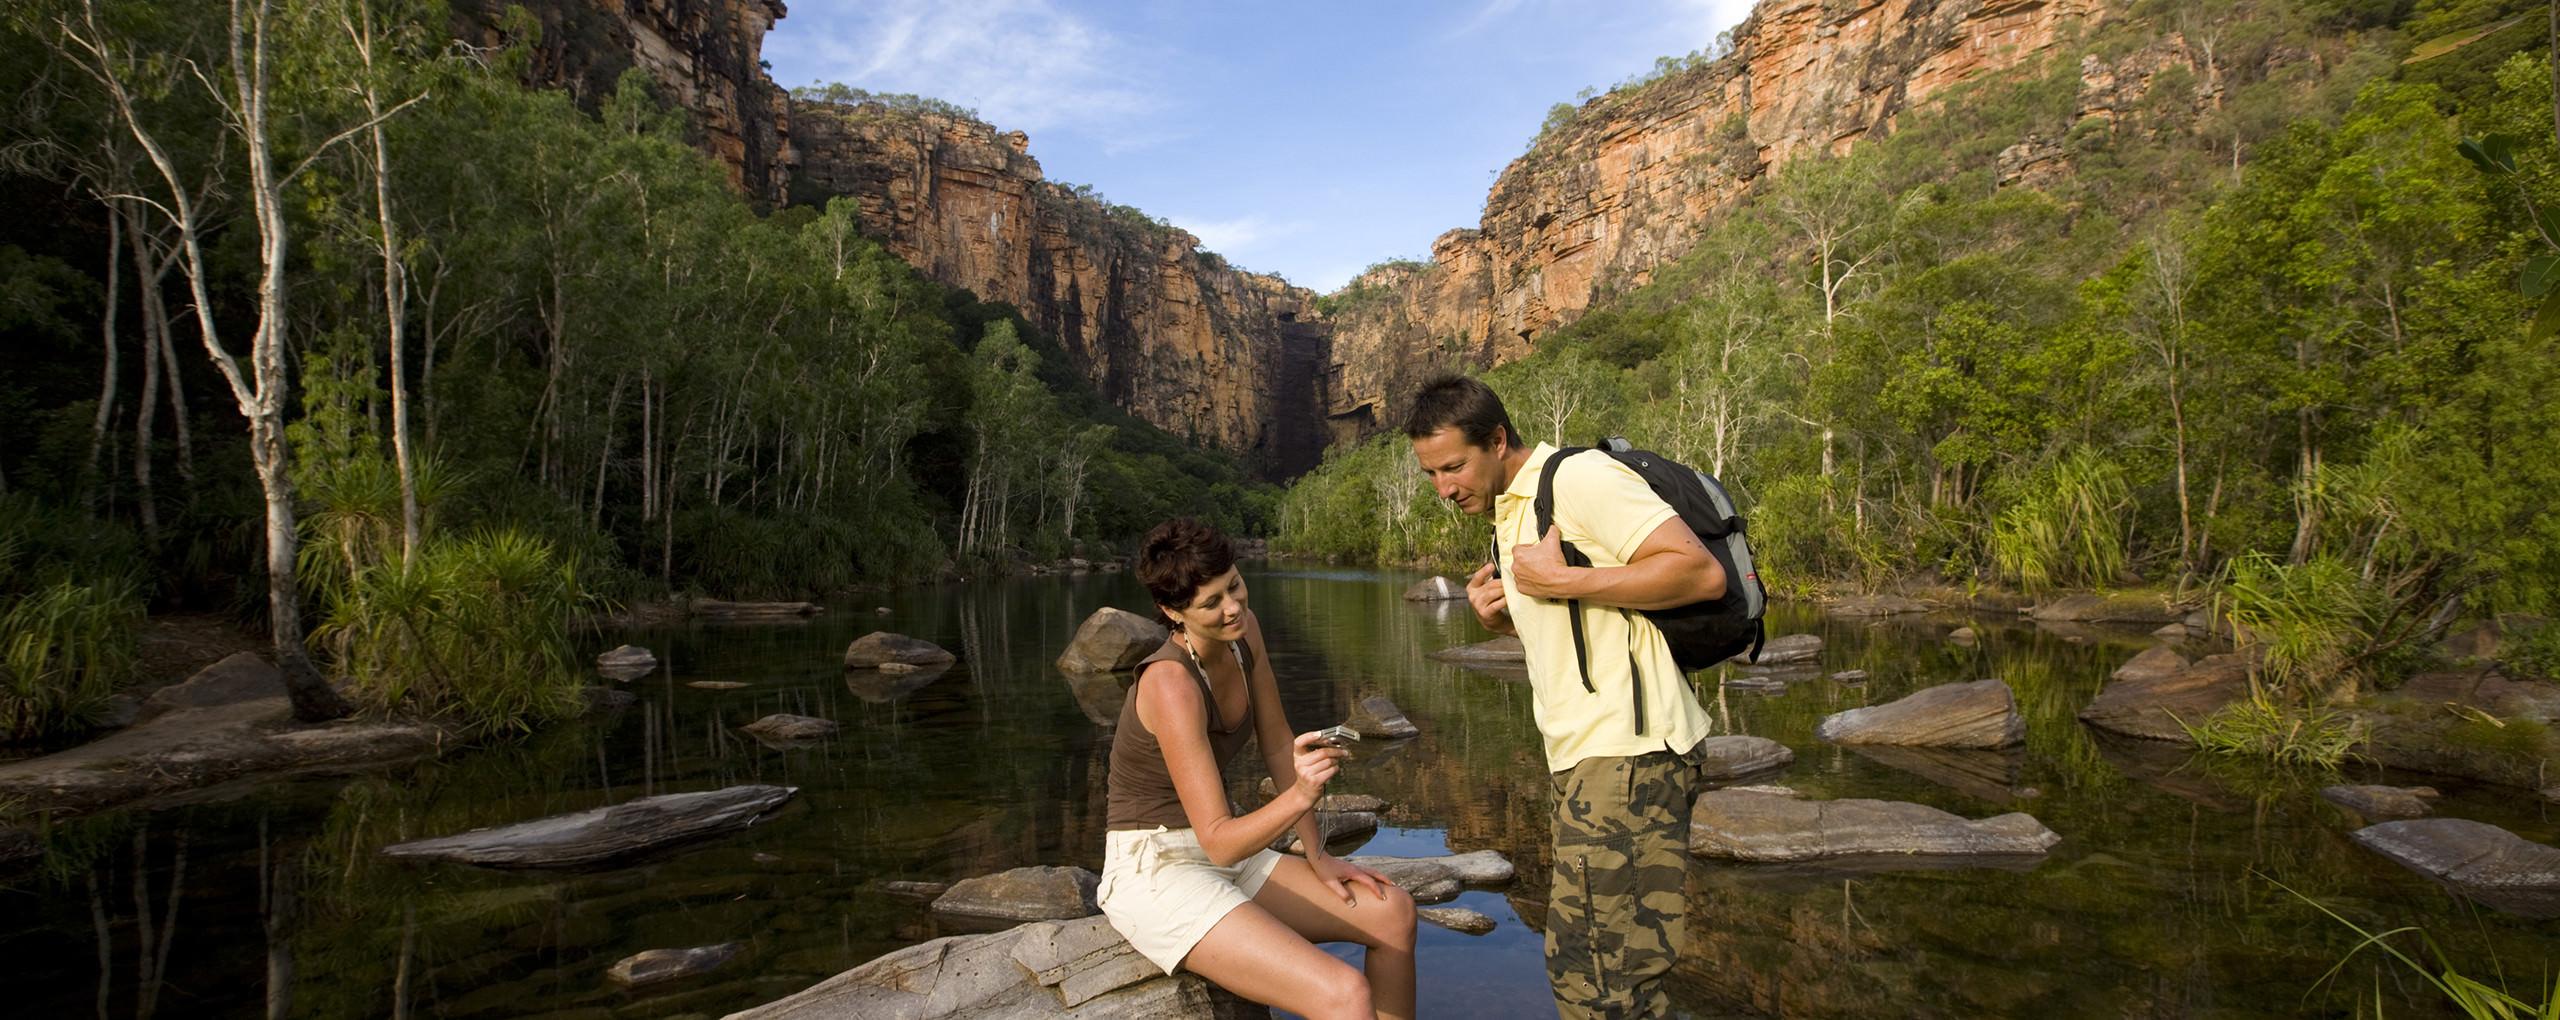 Images of Kakadu National Park | 2560x1020